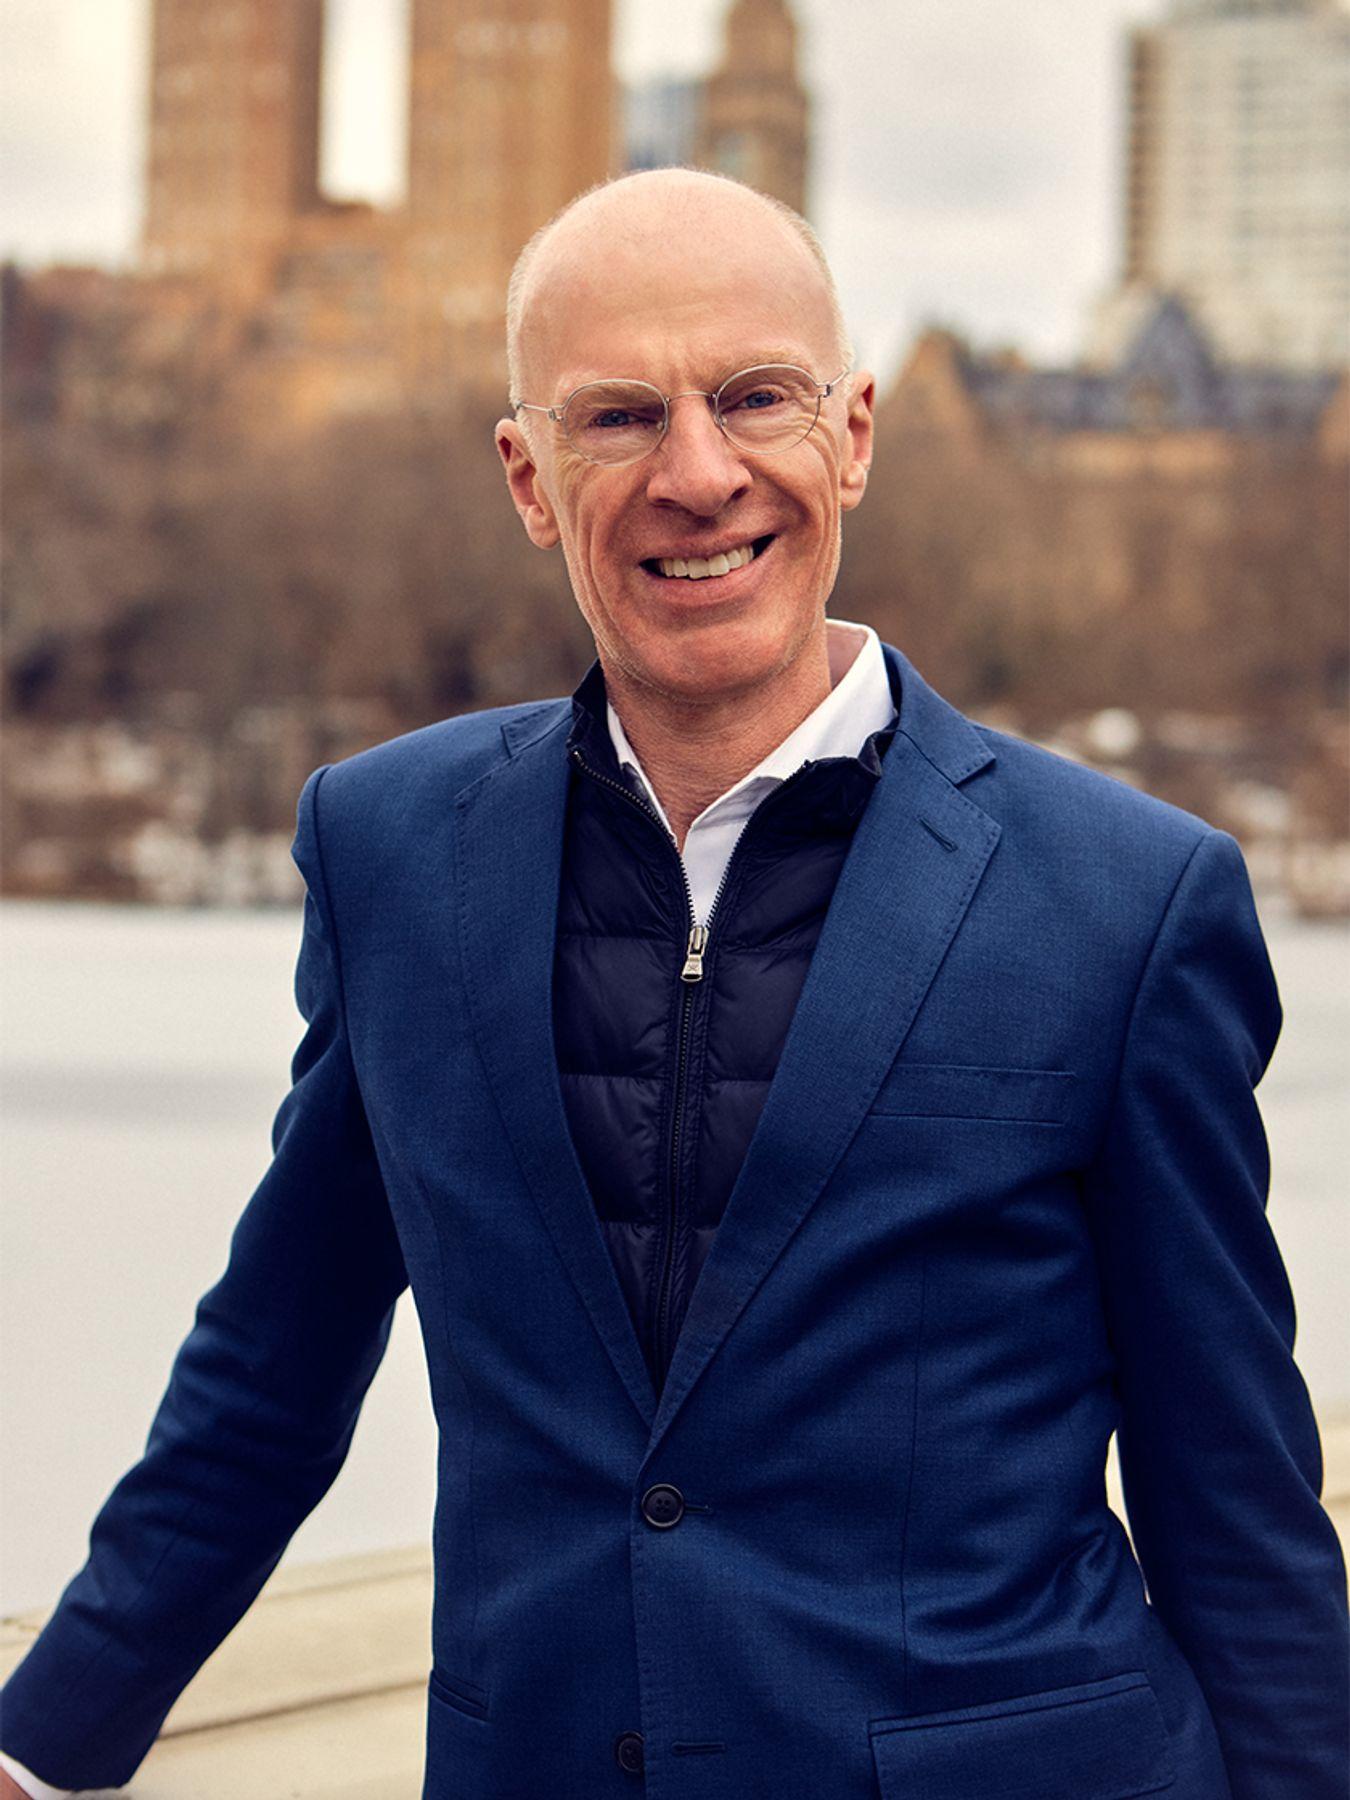 Maarten Vandersman